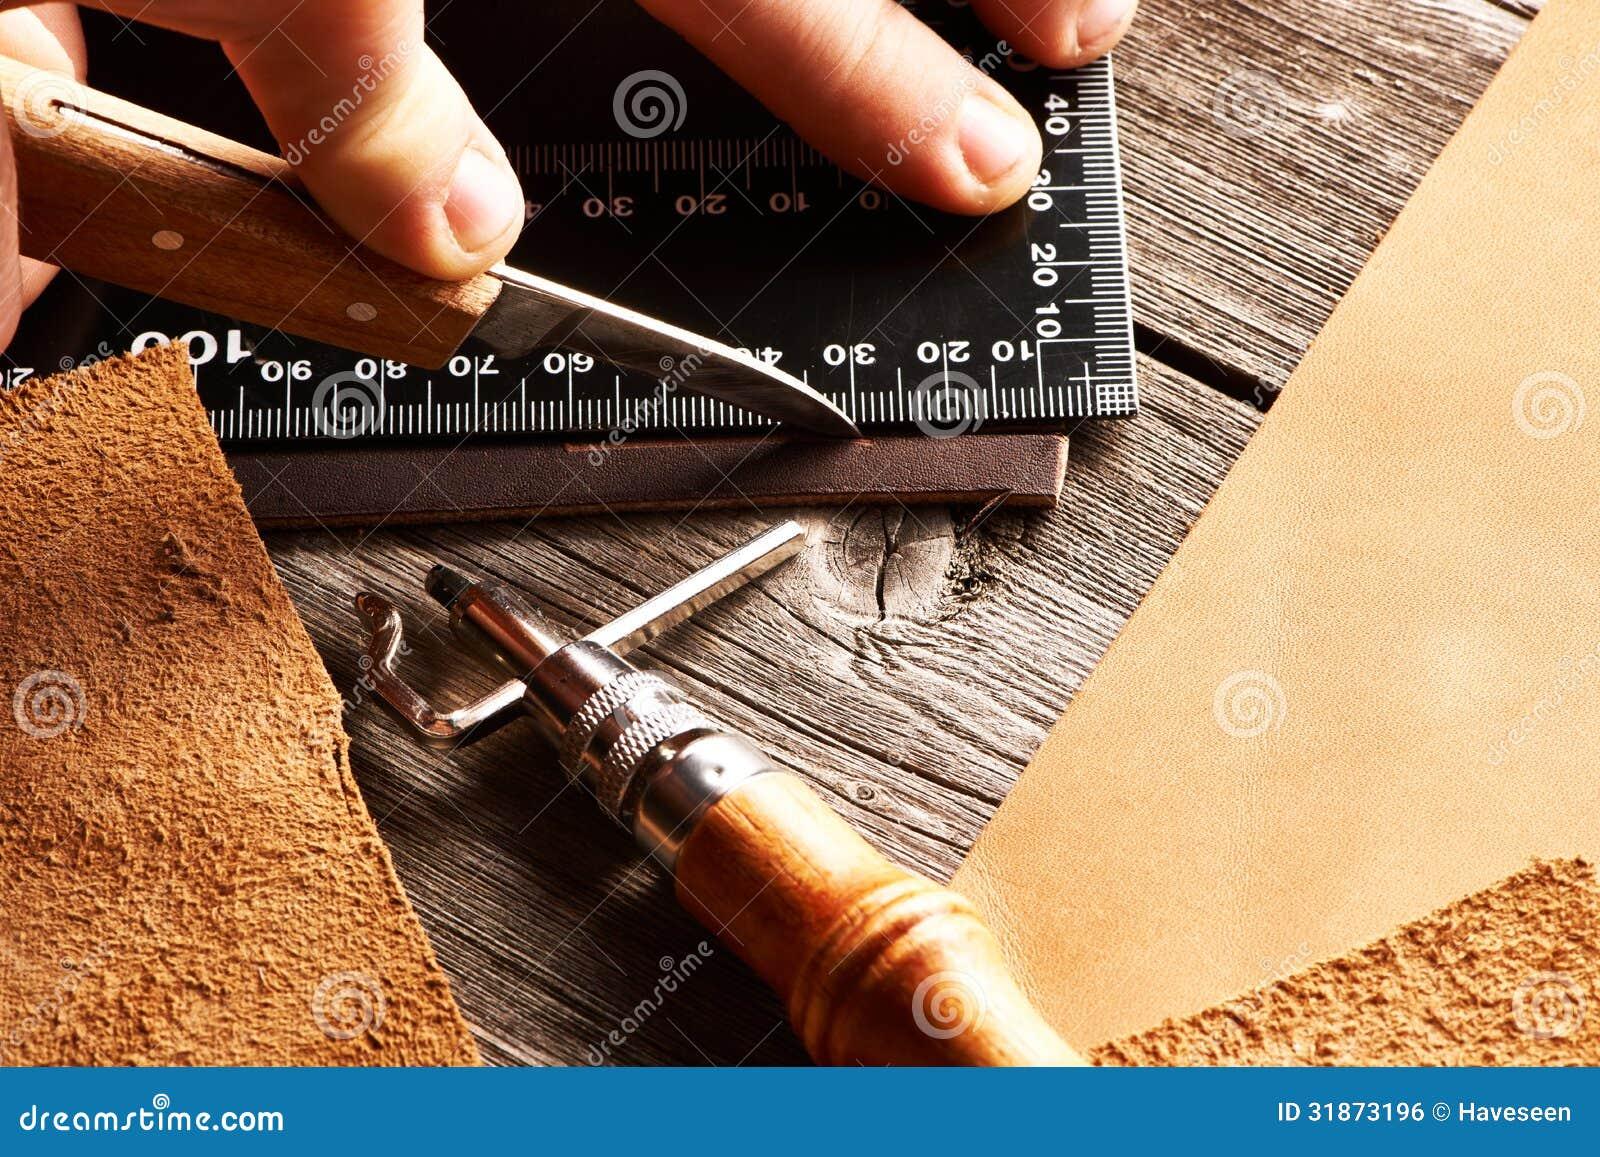 皮革制作的工具